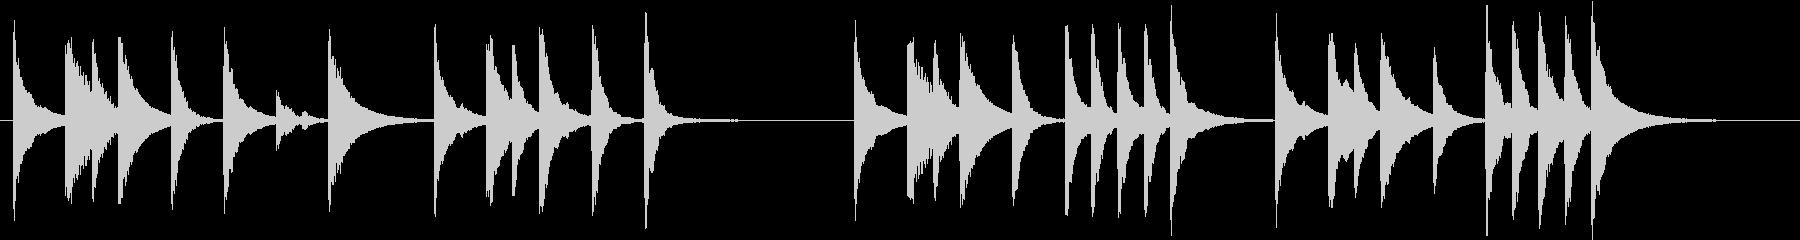 木琴で作ったコミカルな短いジングルの未再生の波形